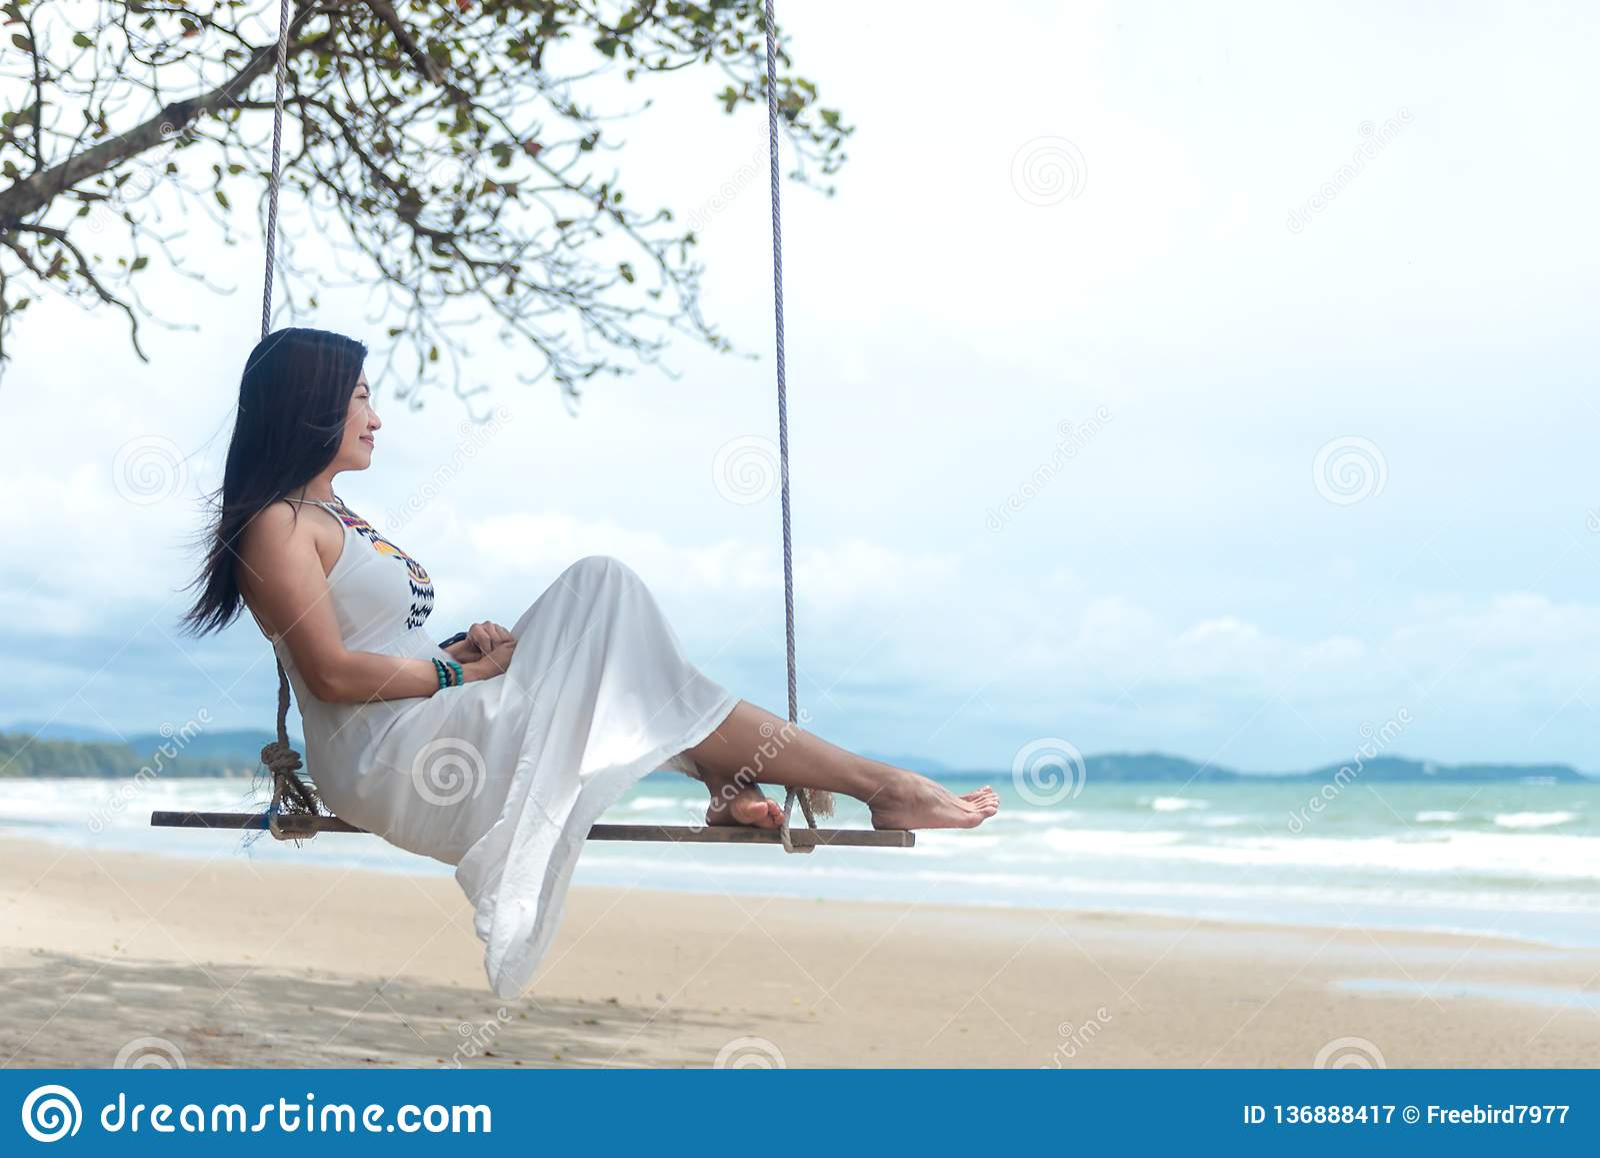 Vacances d été Les femmes de mode de vie détendant et appréciant l oscillation sur la plage de sable, façonnent les femmes renver